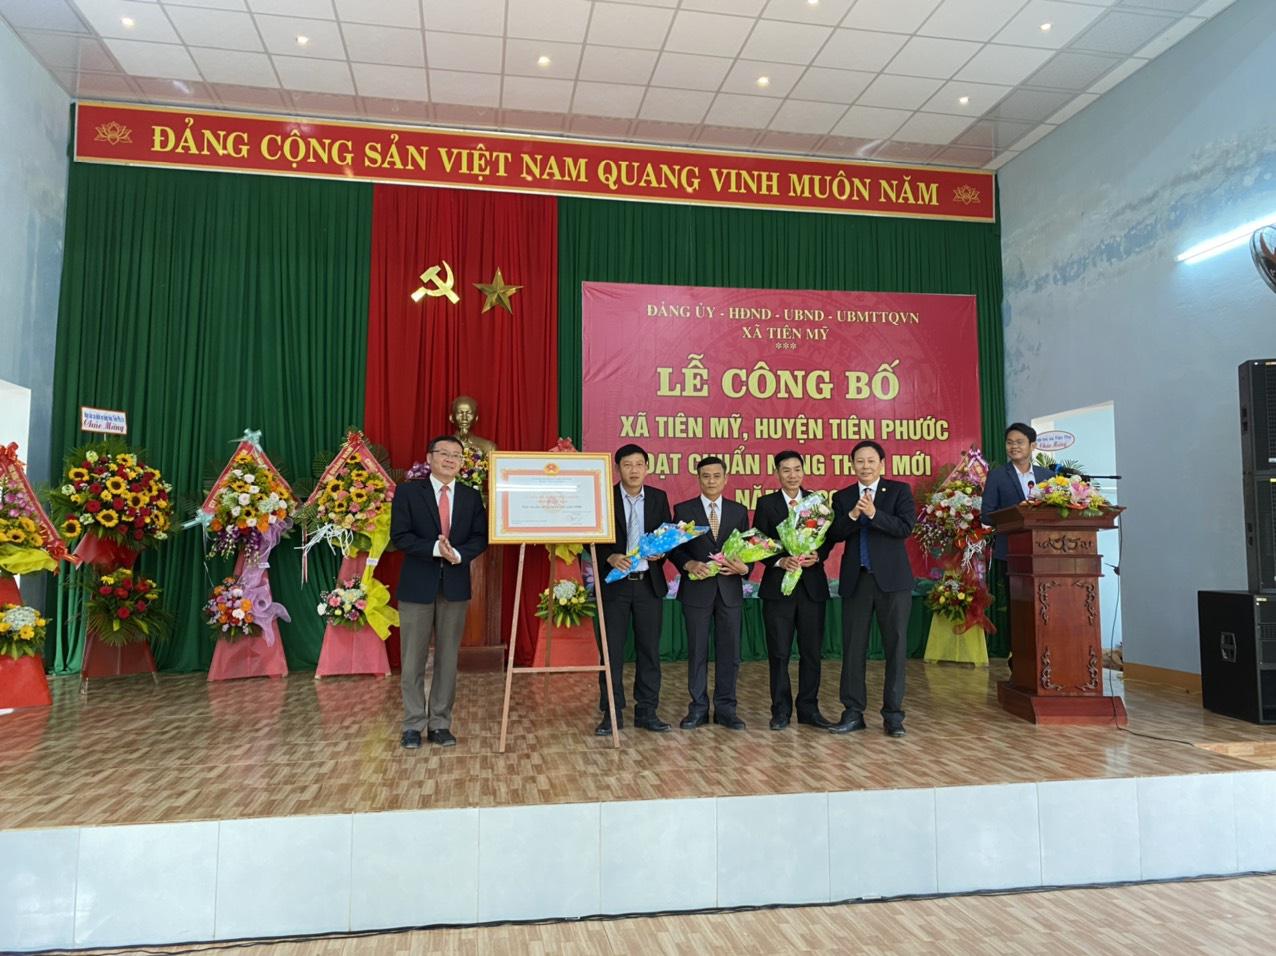 Quảng Nam: Tiên Mỹ đạt chuẩn Nông thôn mới, người dân thu nhập tăng gấp 3 lần  - Ảnh 1.